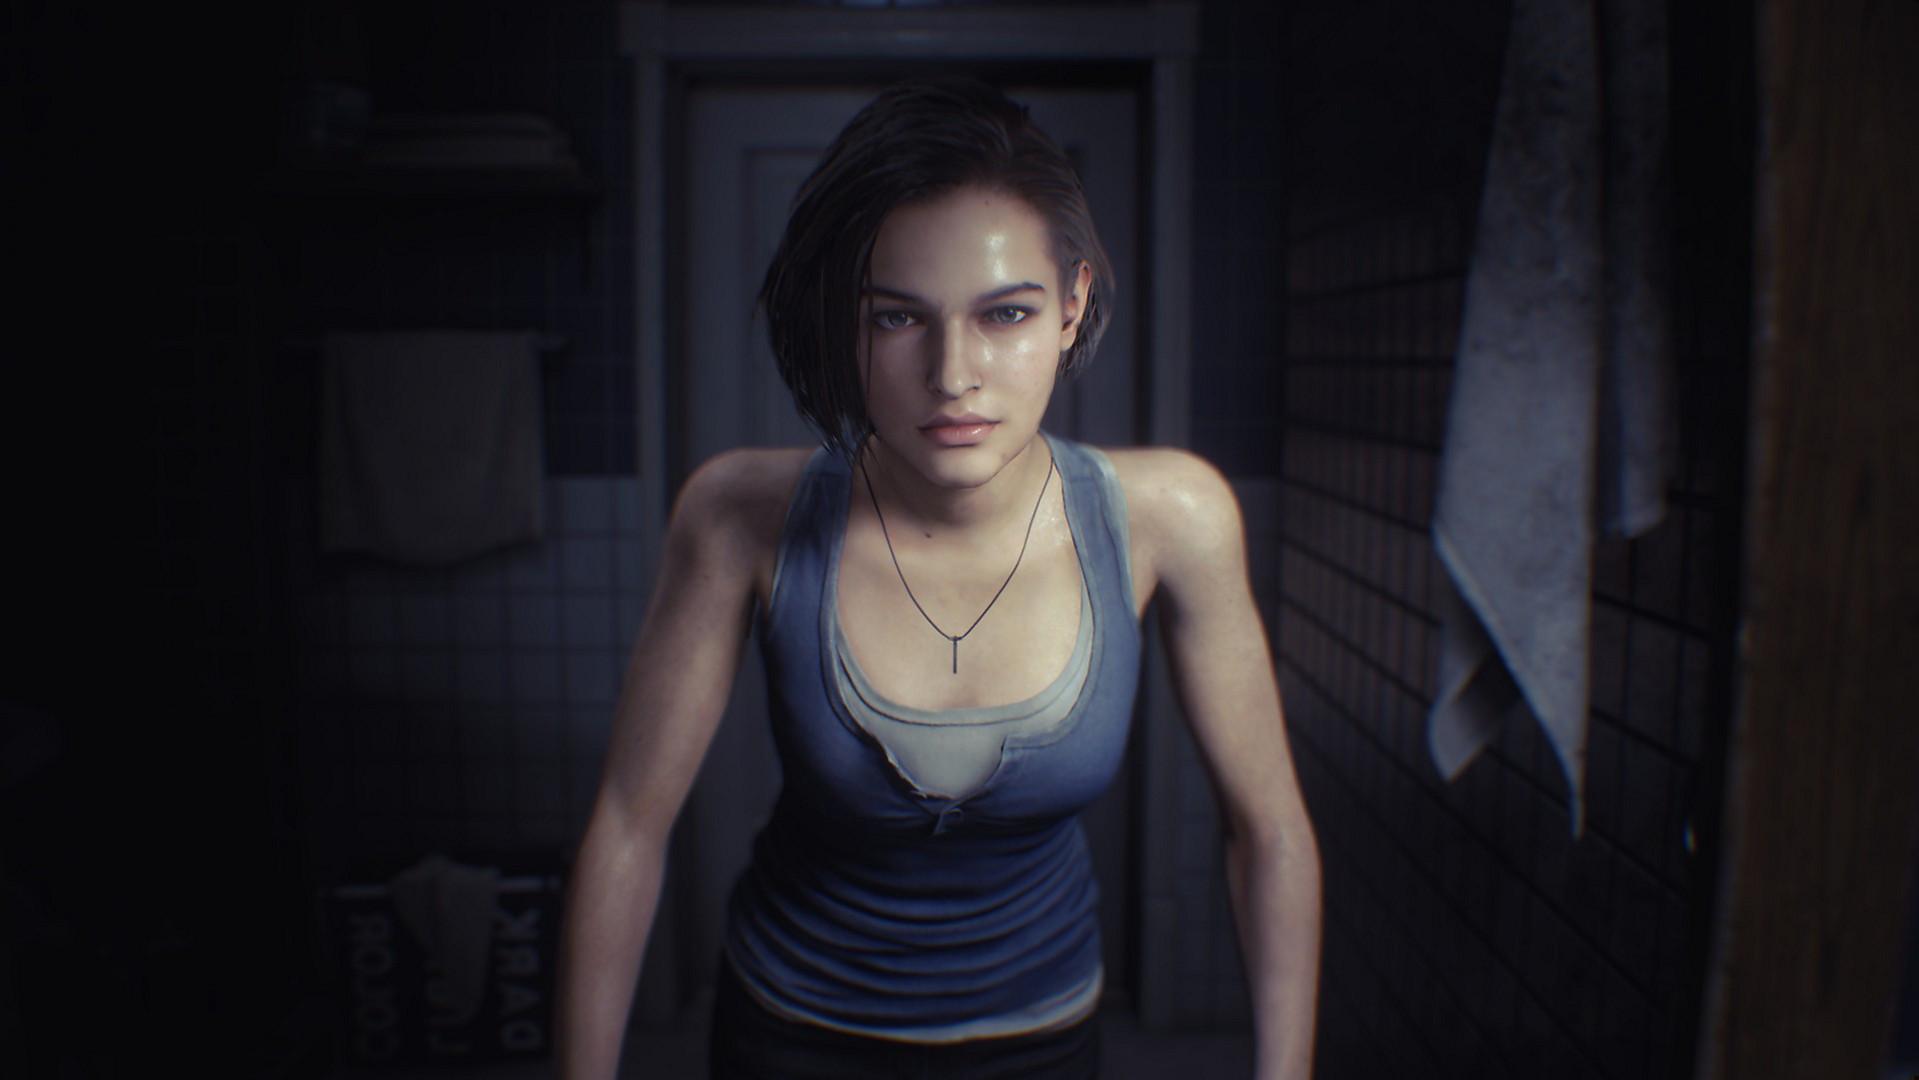 resident-evil-3-screenshot-01-ps4-13dec1